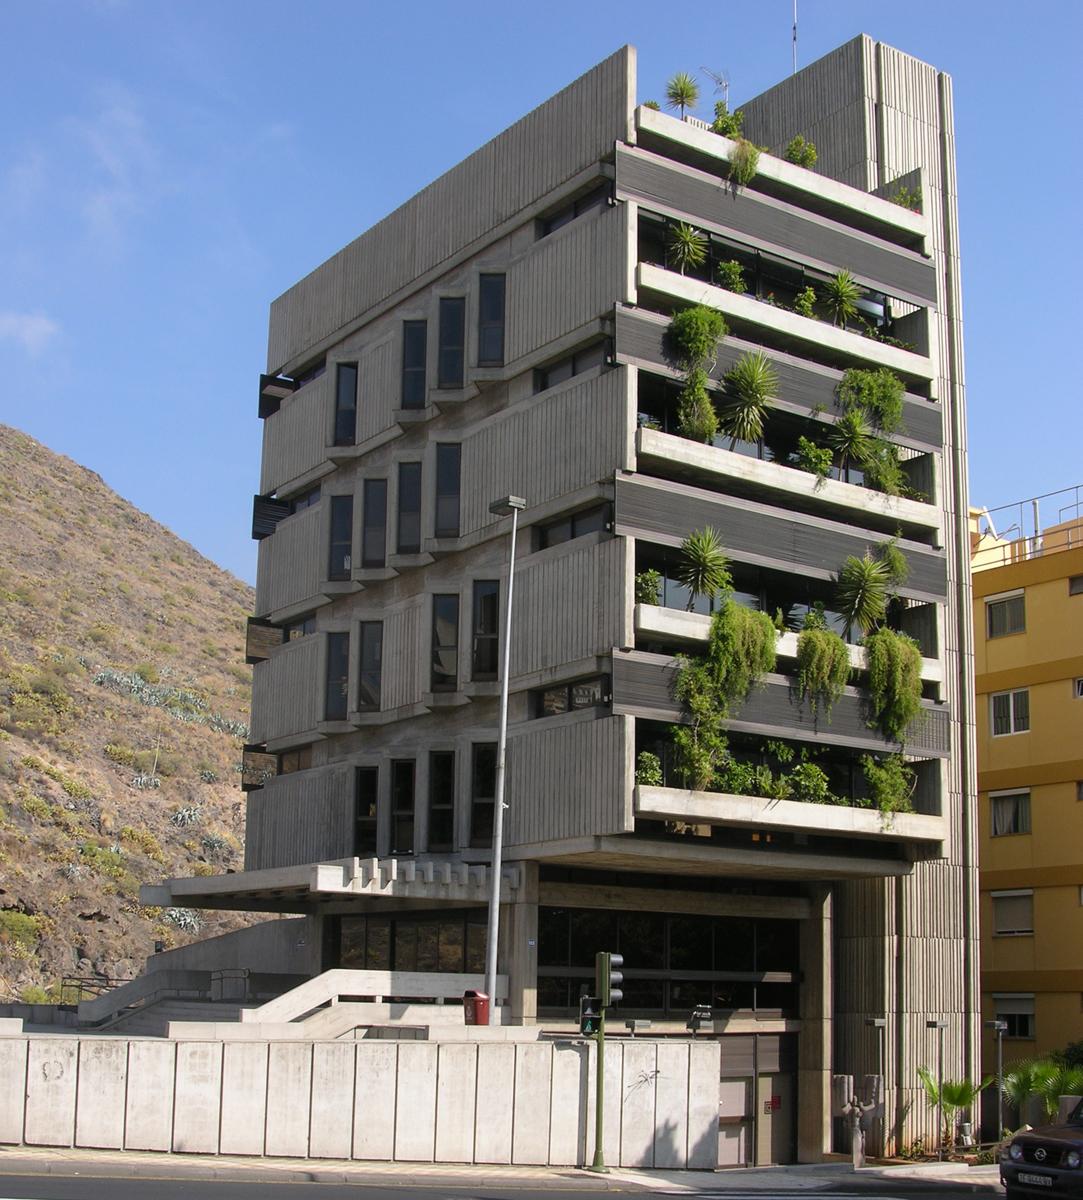 Los colegios de arquitectos en espa a garc a barba - Arquitectos en espana ...